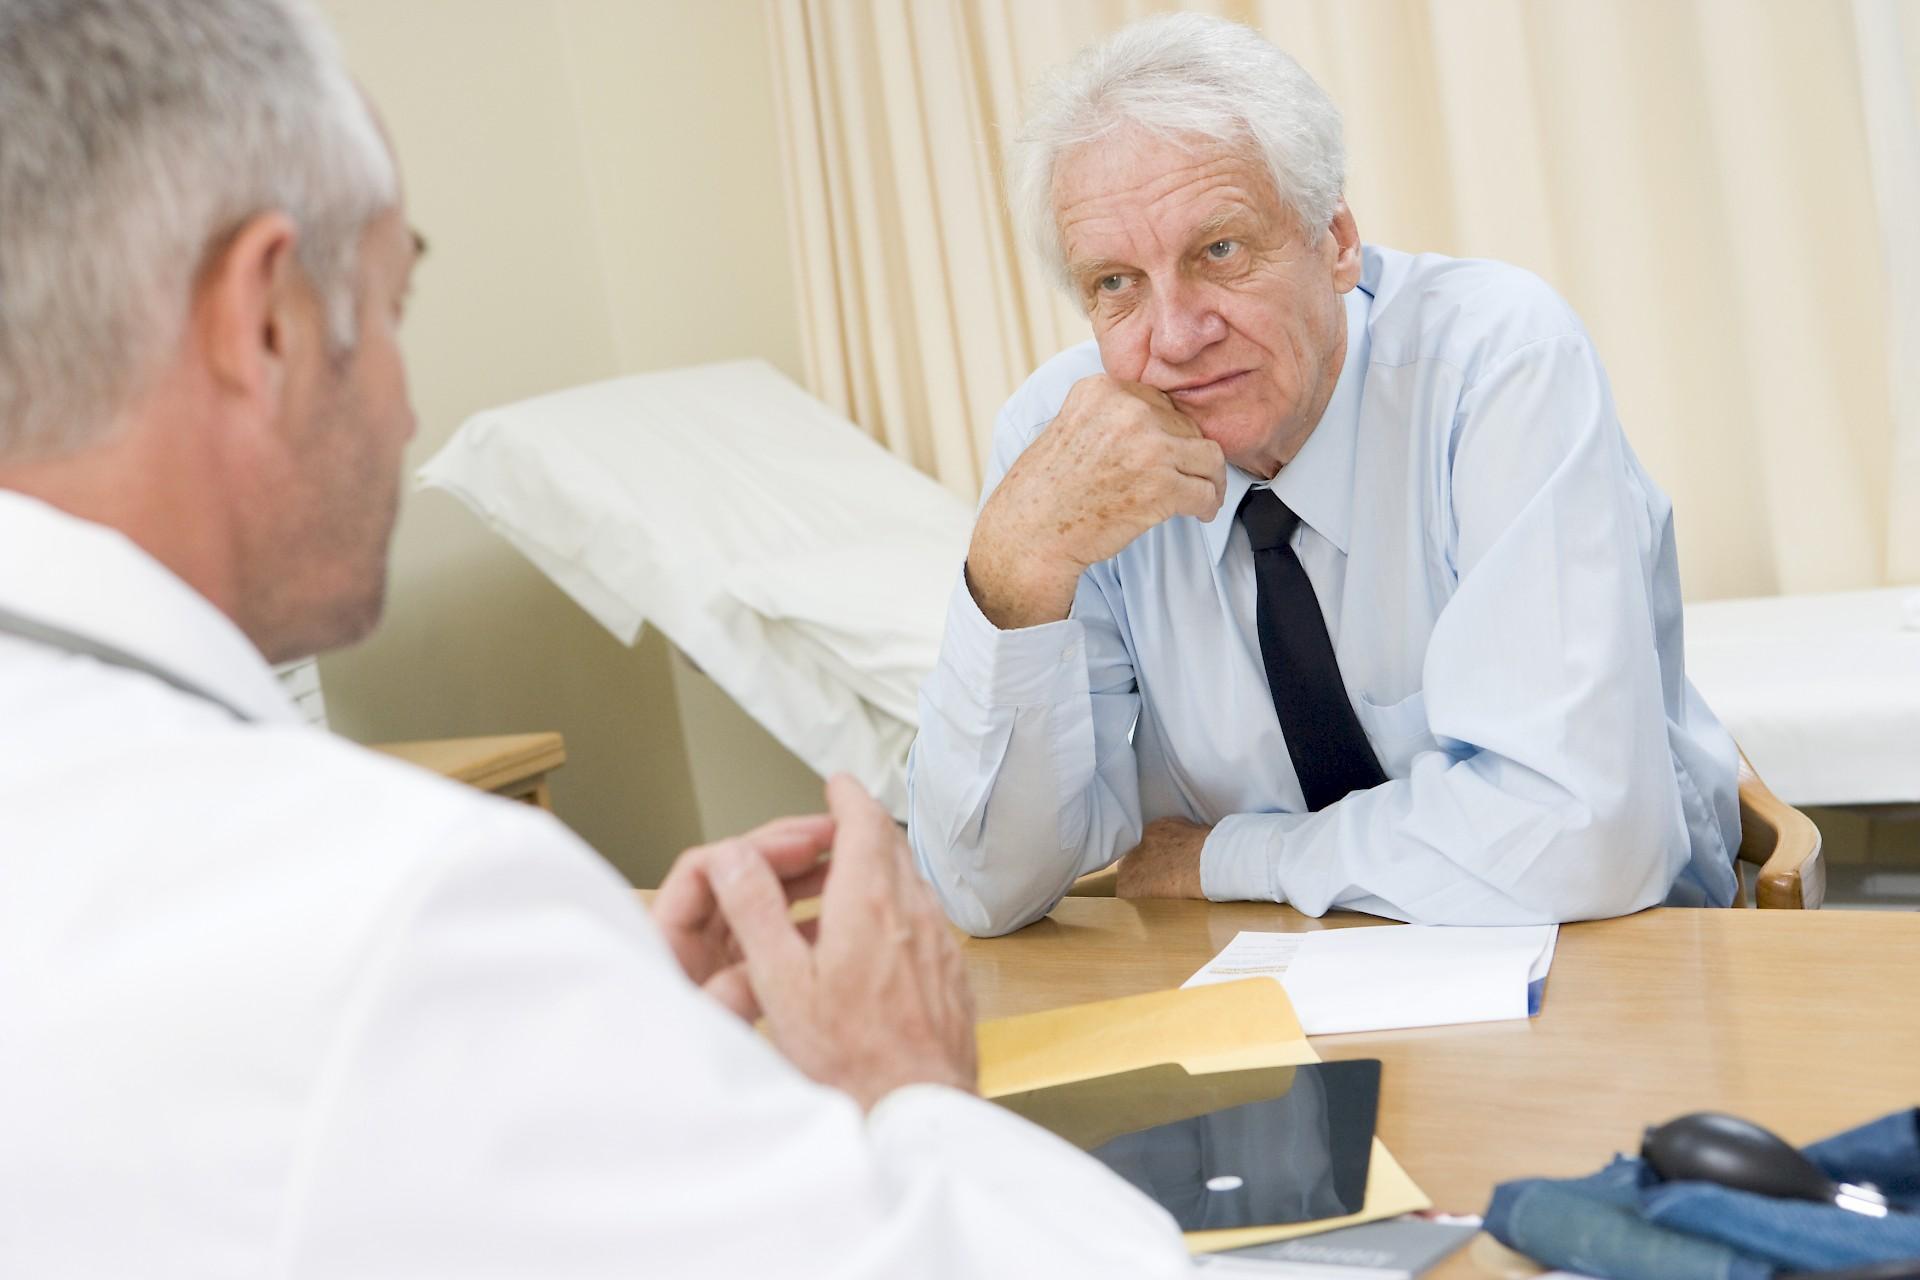 Признаки алкогольного гепатита у мужчин и женщин